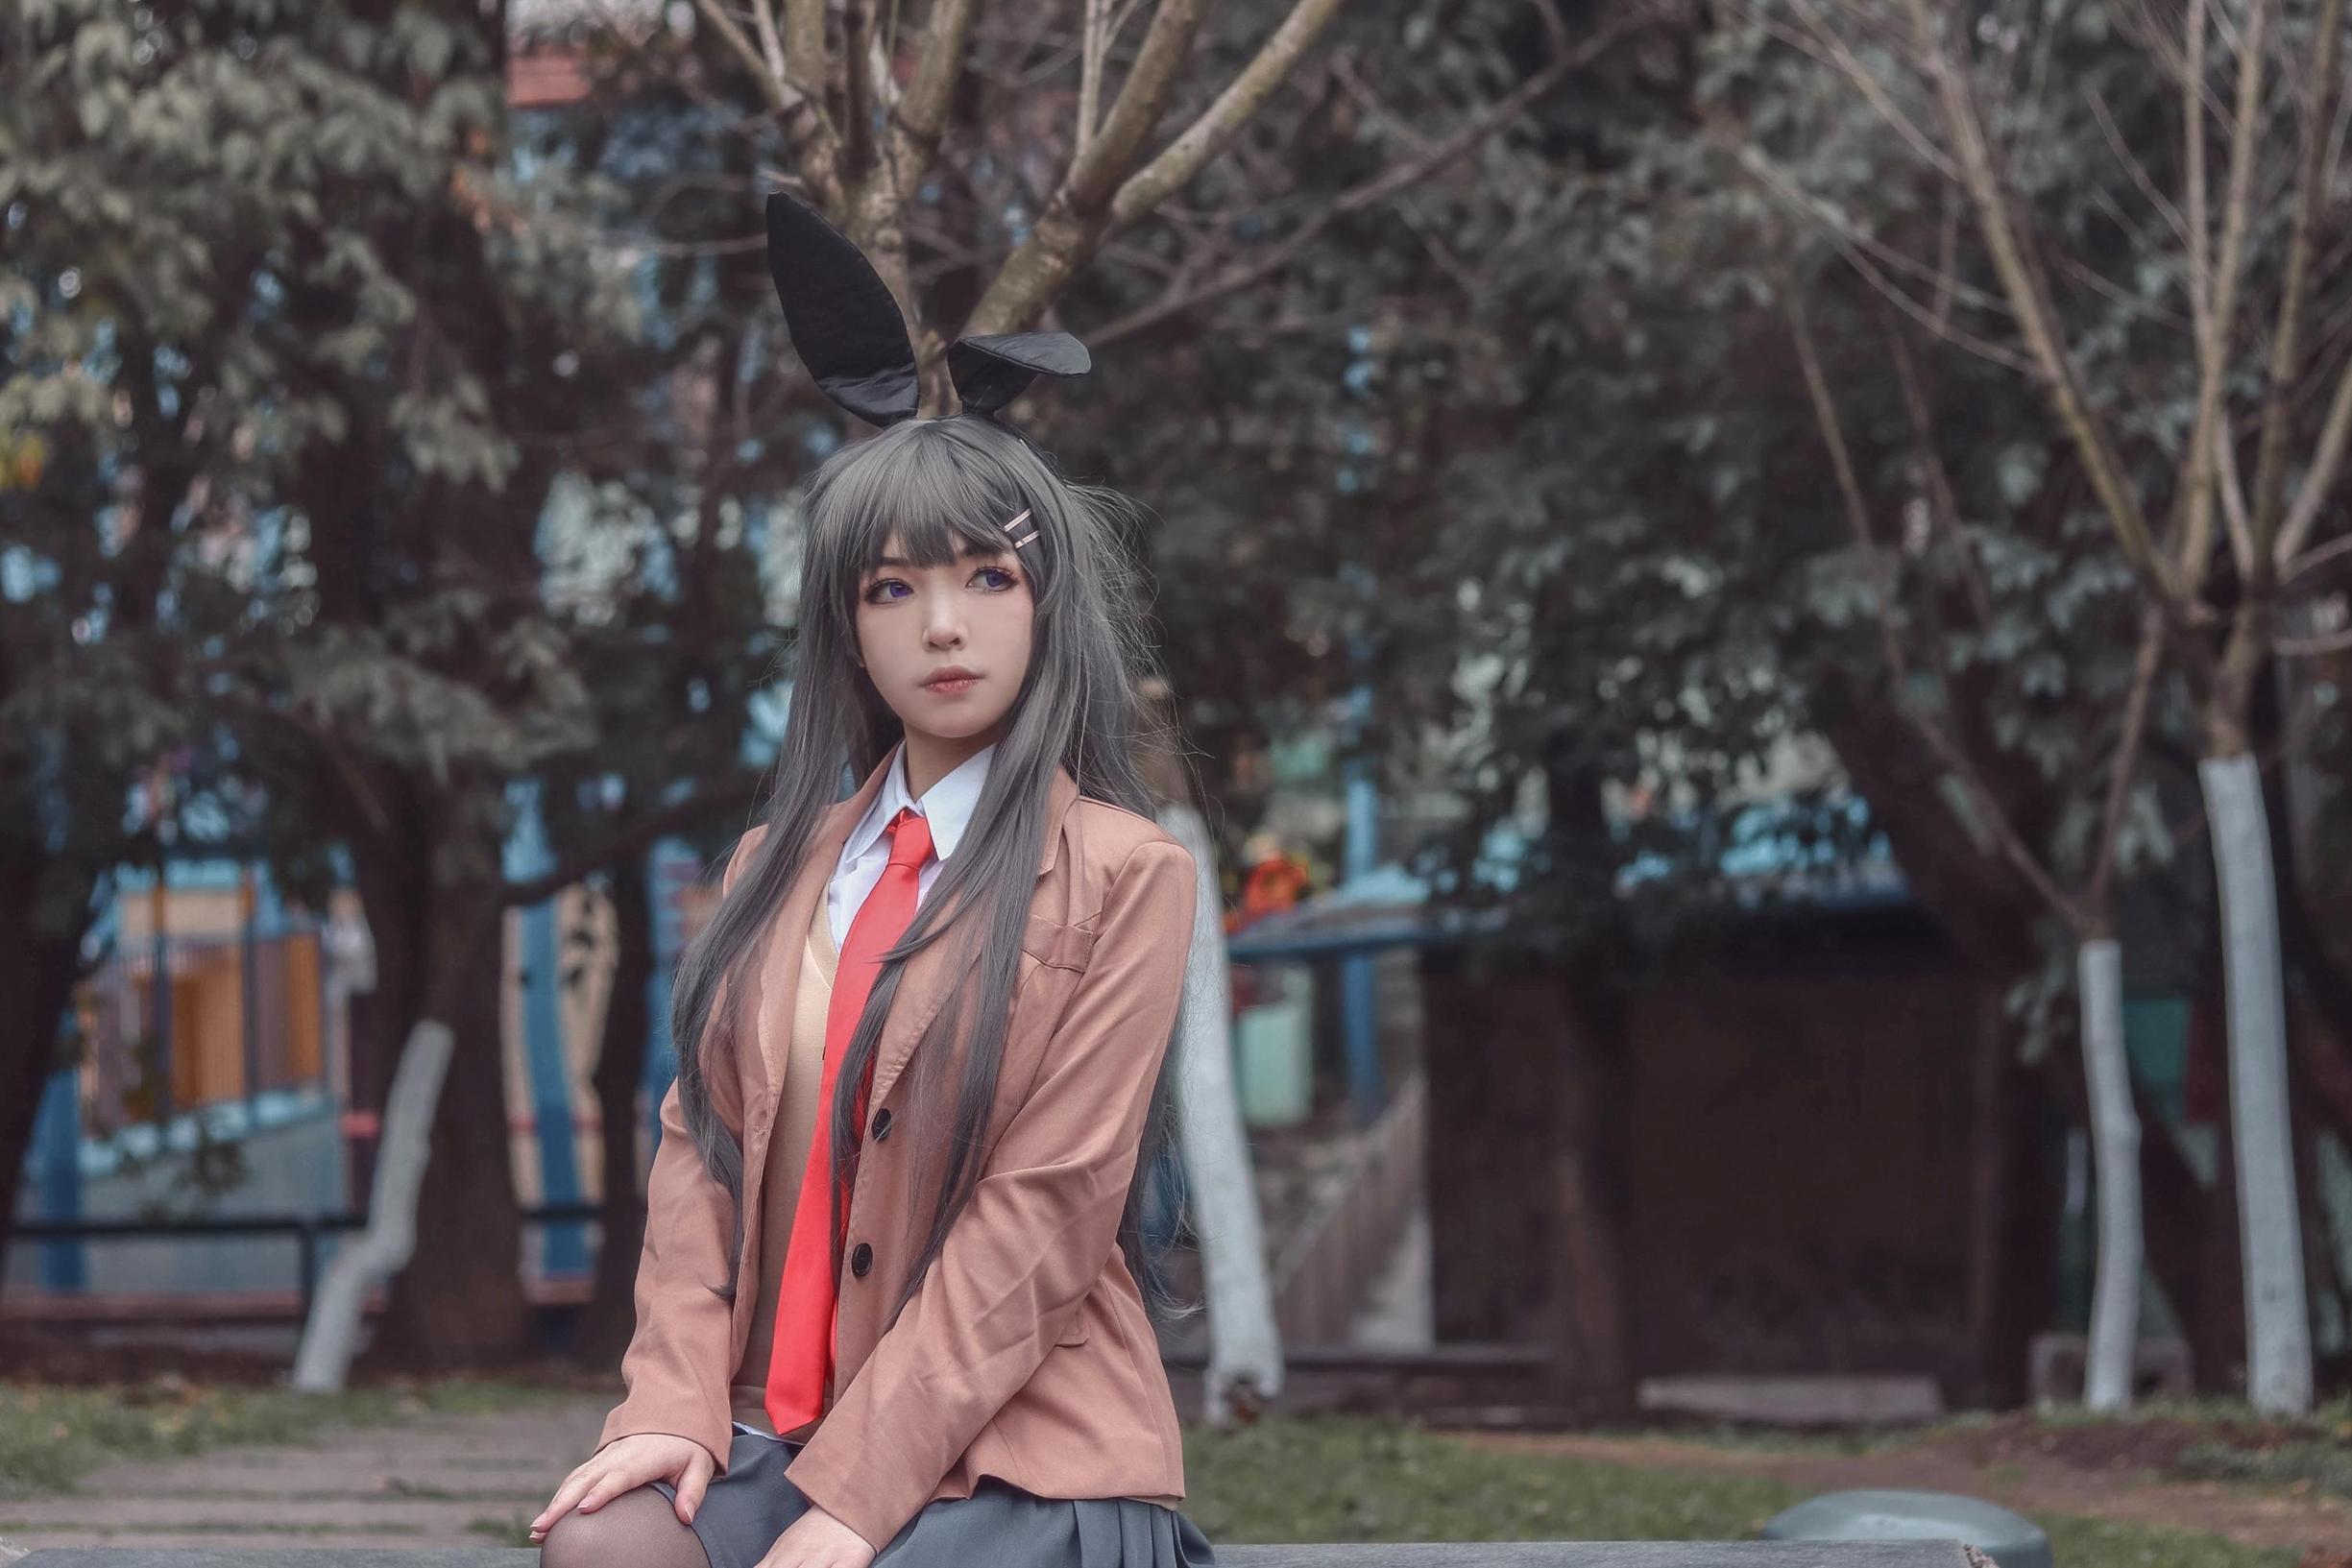 樱岛麻衣cosplay【CN:萝狐.维尔加德】 -cosplay动漫邪恶图片插图